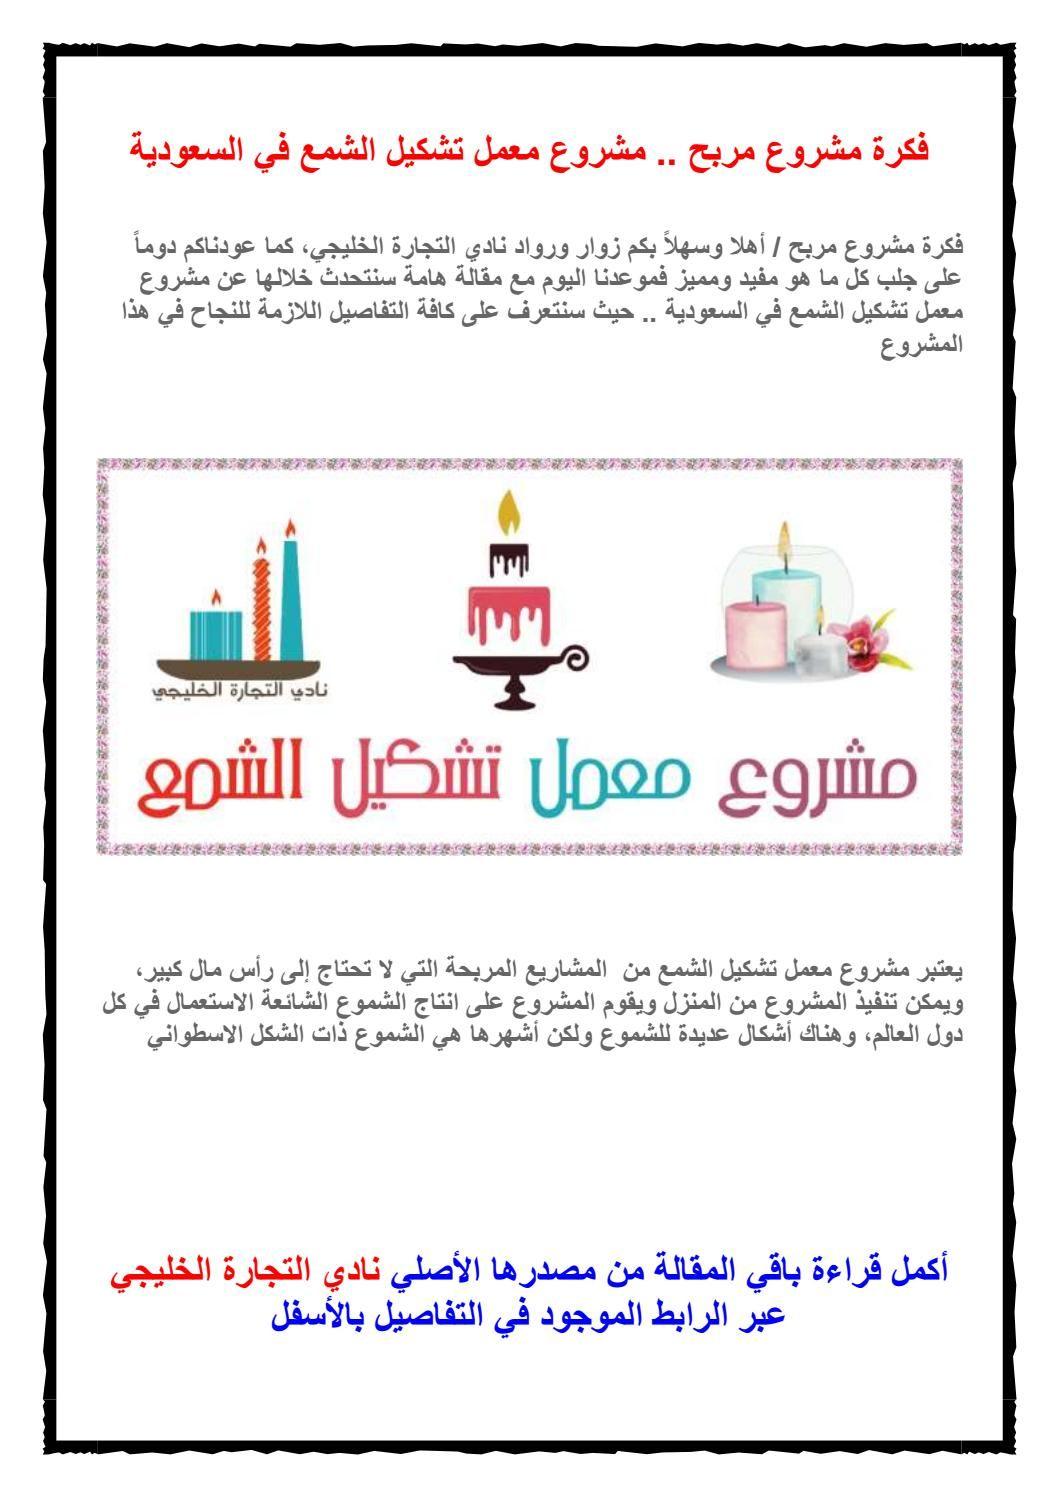 فكرة مشروع مربح مشروع معمل تشكيل الشمع في السعودية Microsoft Word Document Words Microsoft